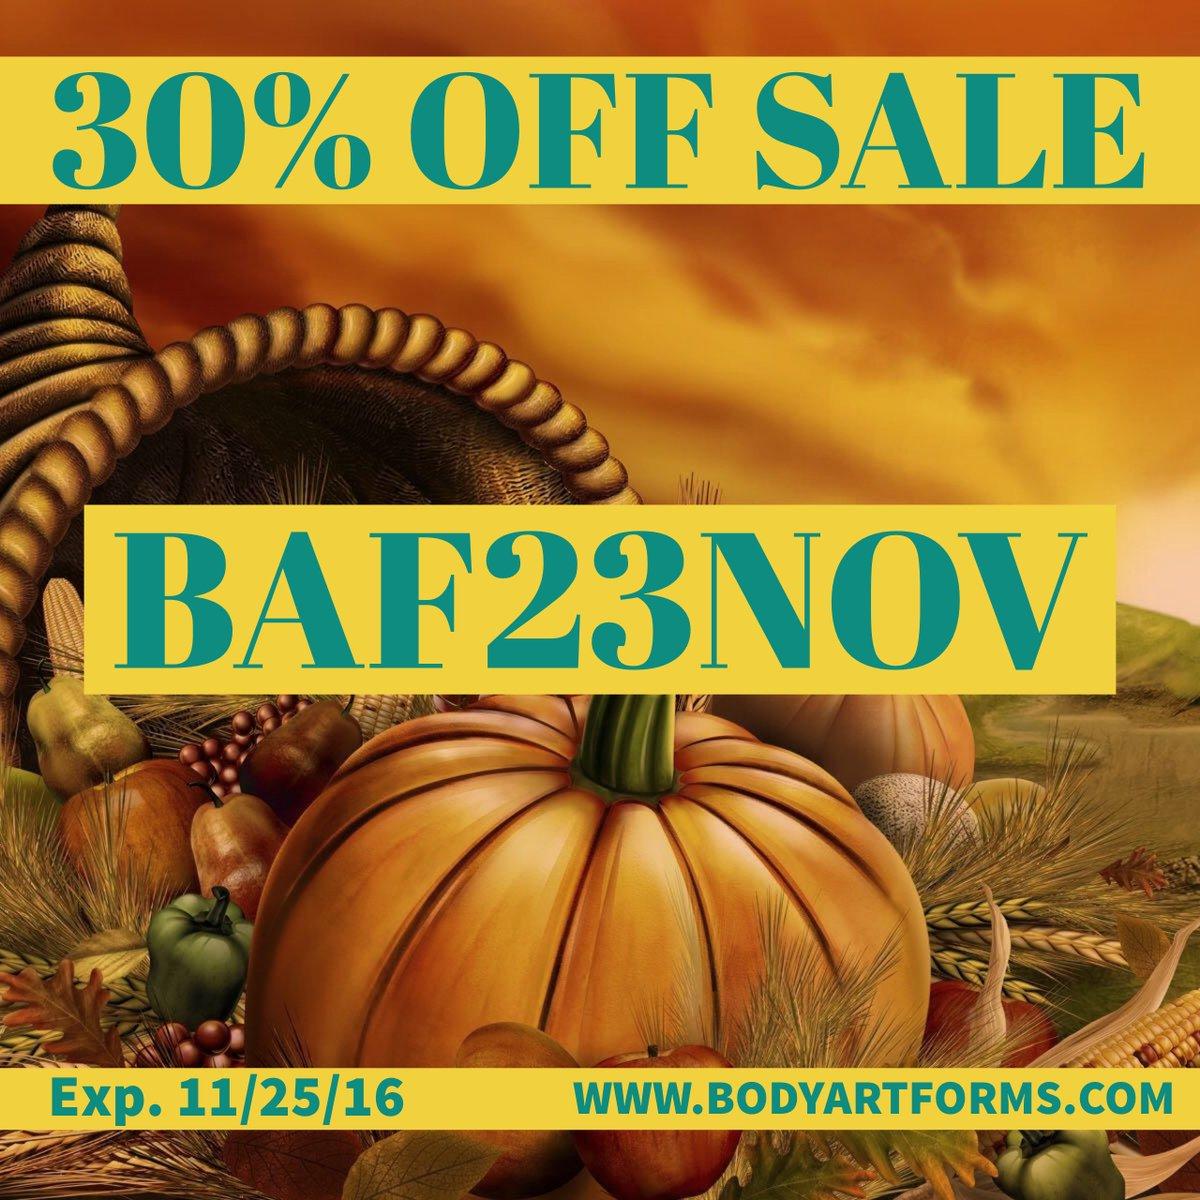 Bodyartforms coupon code